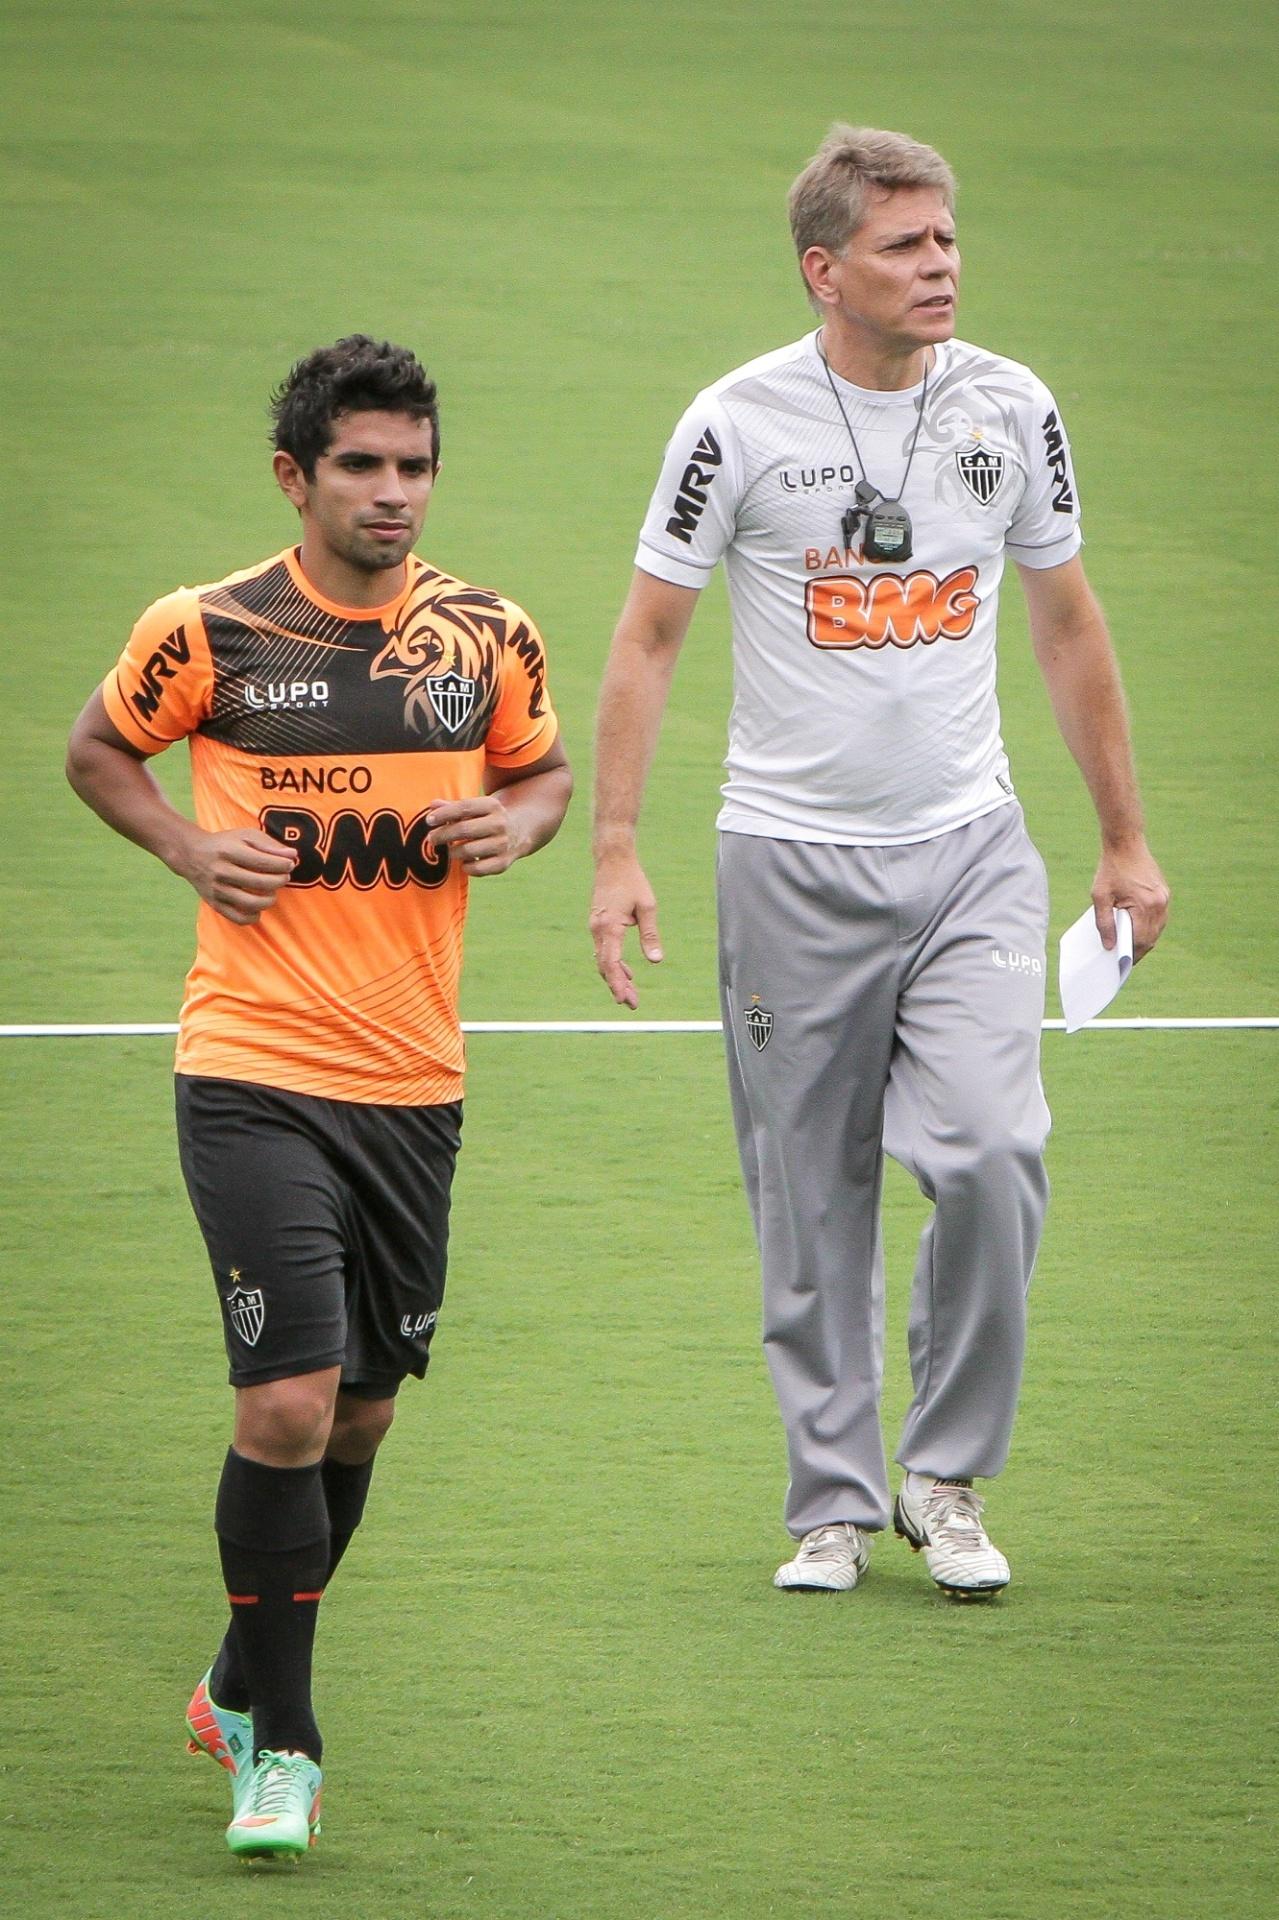 18 fev. 2014 - Atacante Guilherme, ao lado do técnico Paulo Autuori, durante treino do Atlético-MG na Cidade do Galo